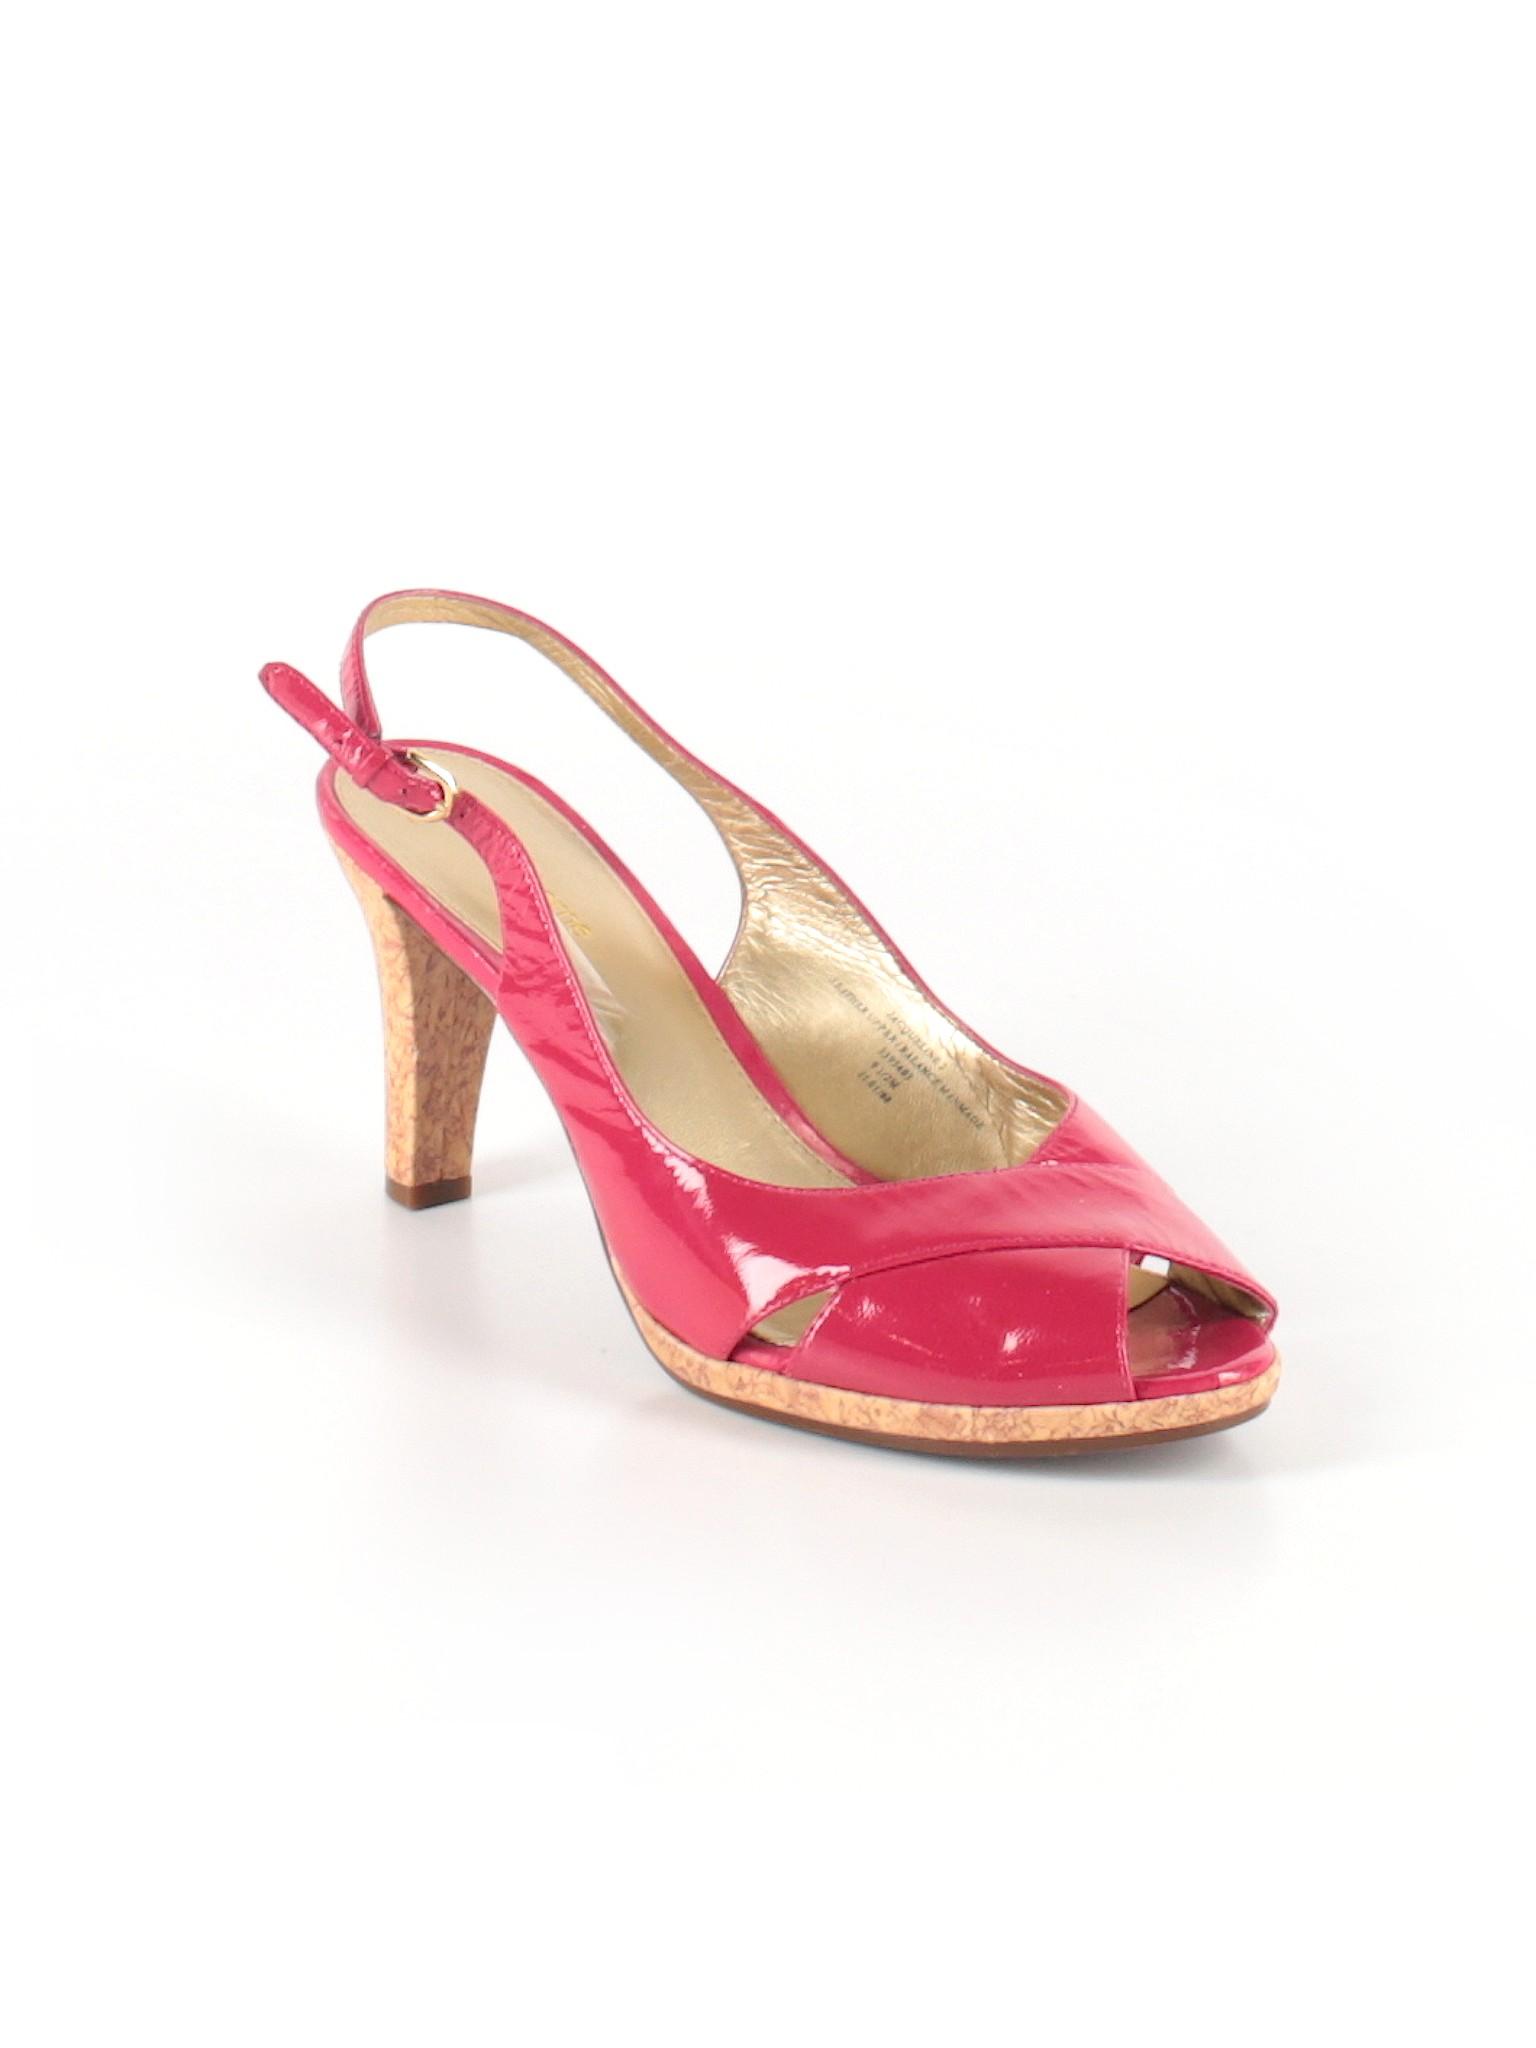 promotion Liz Boutique Boutique Heels promotion Claiborne qxPEtRwPY